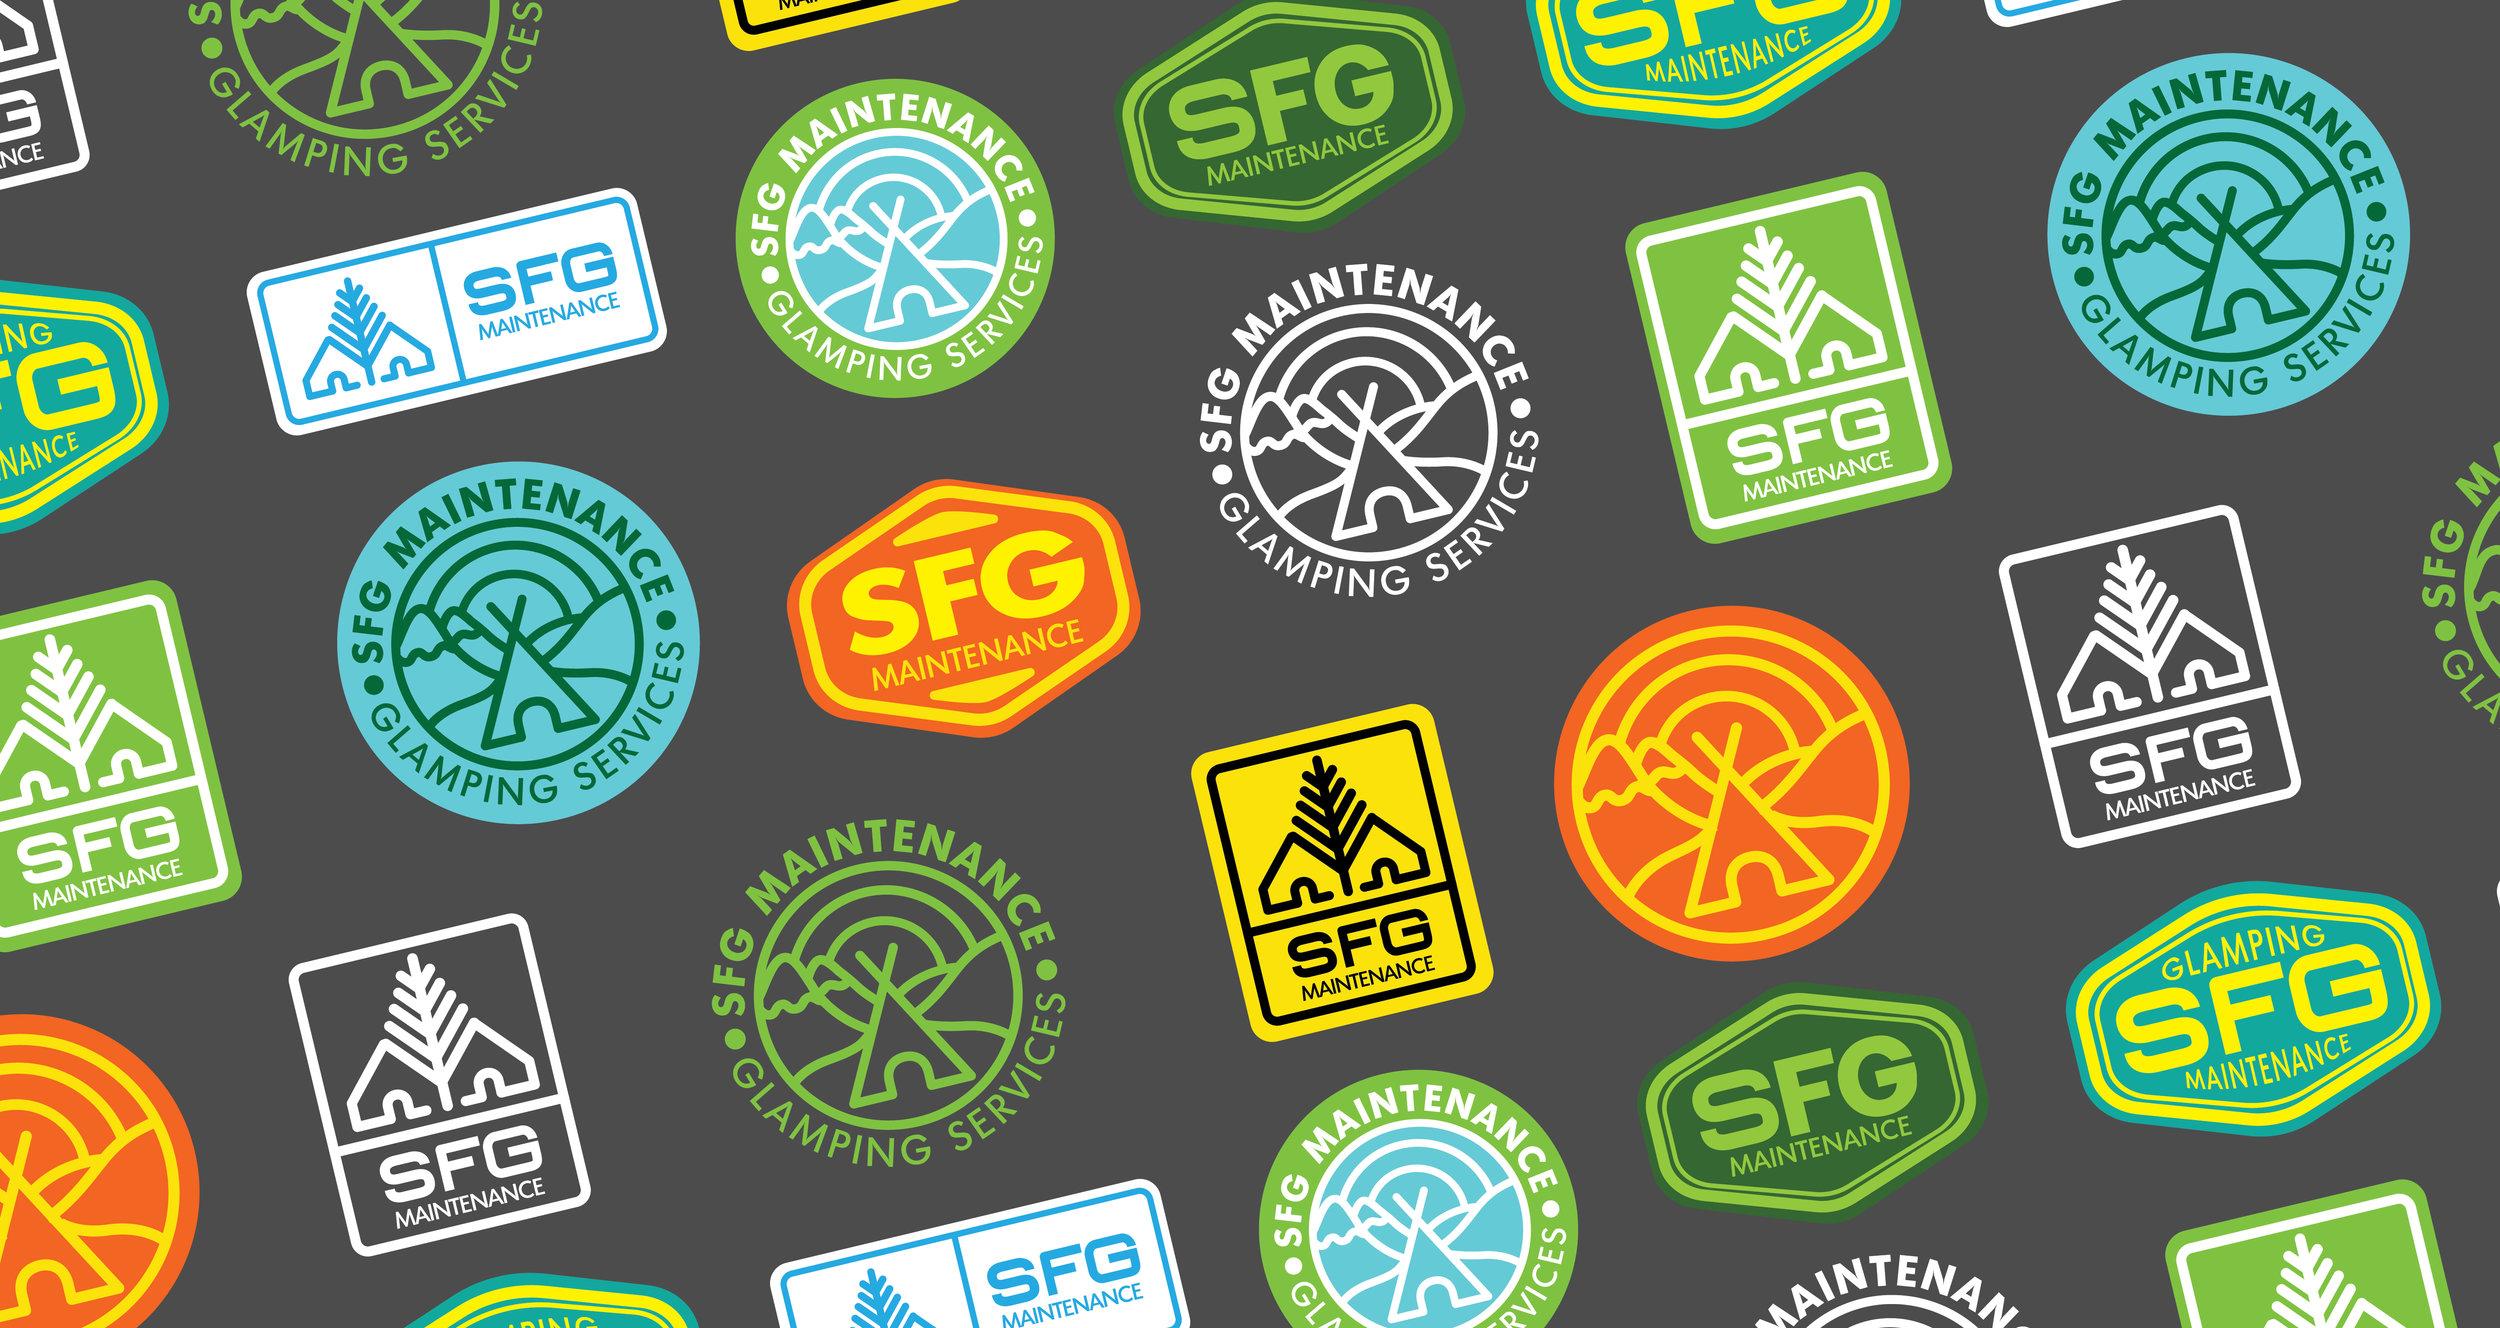 SFG MAINTENANCE-01.jpg